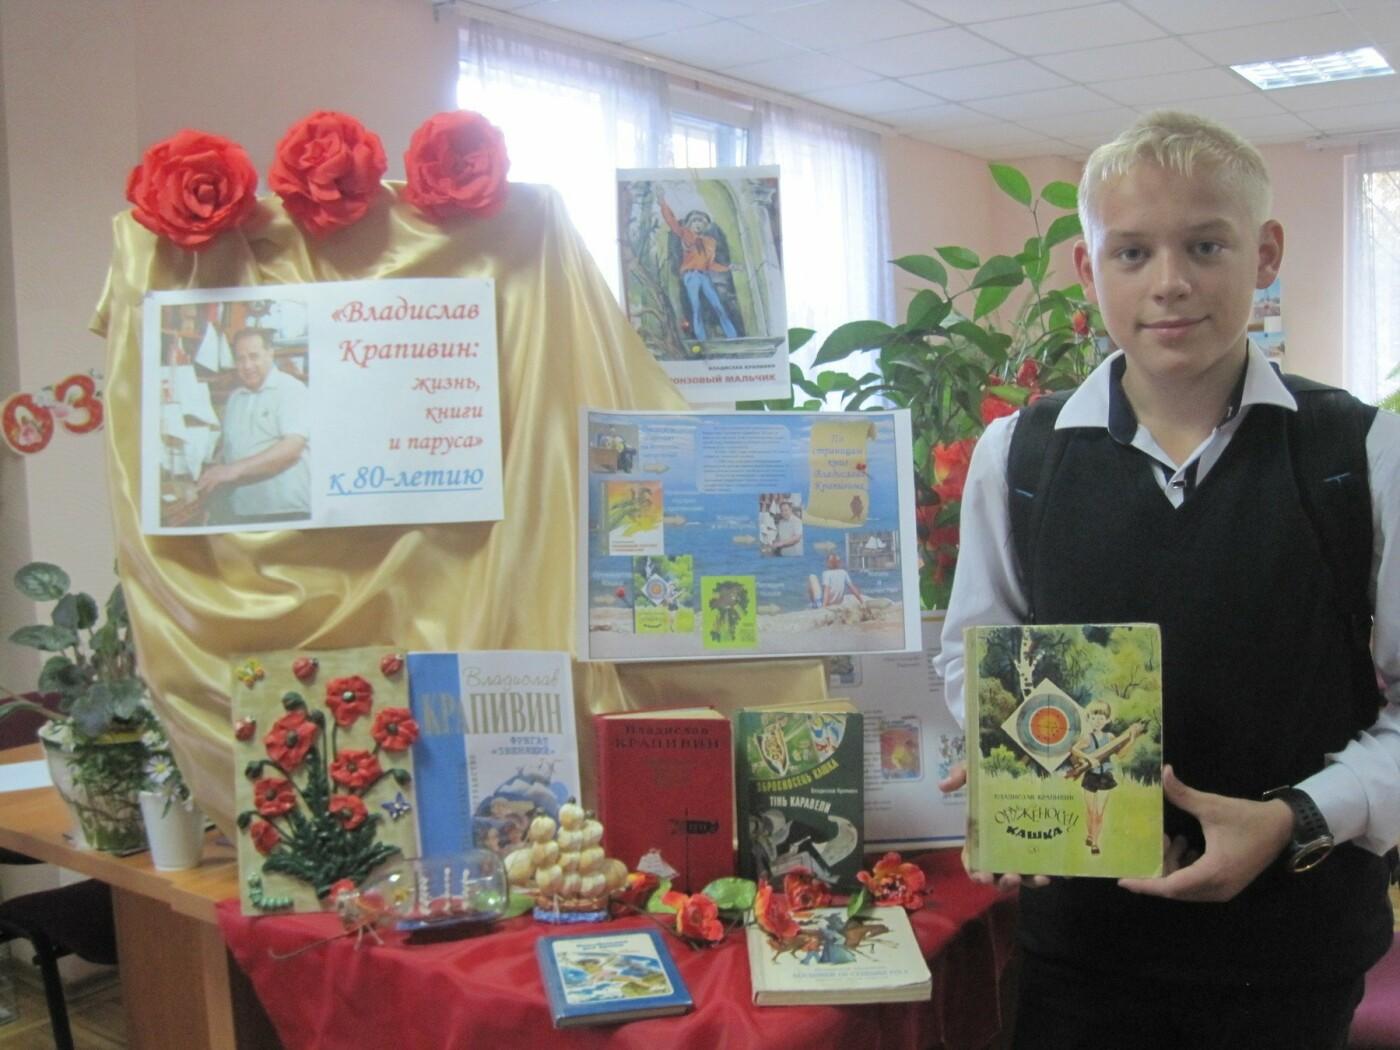 В Ялте состоялся литературный портрет «Владислав Крапивин: жизнь, книги и паруса», фото-1